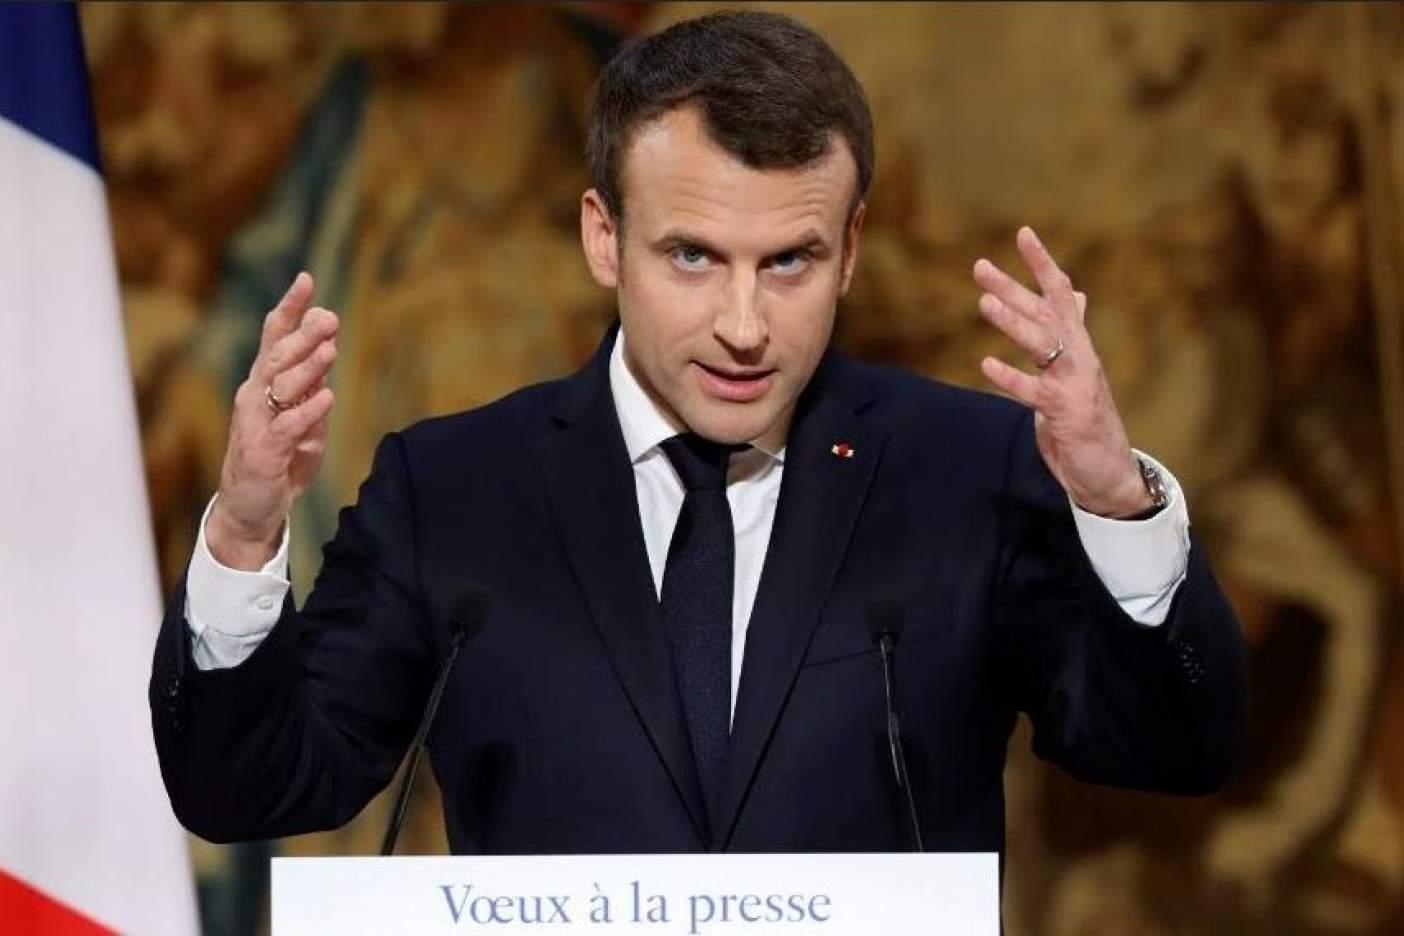 Anuncia Macron ley para combatir noticias falsas en periodo electoral